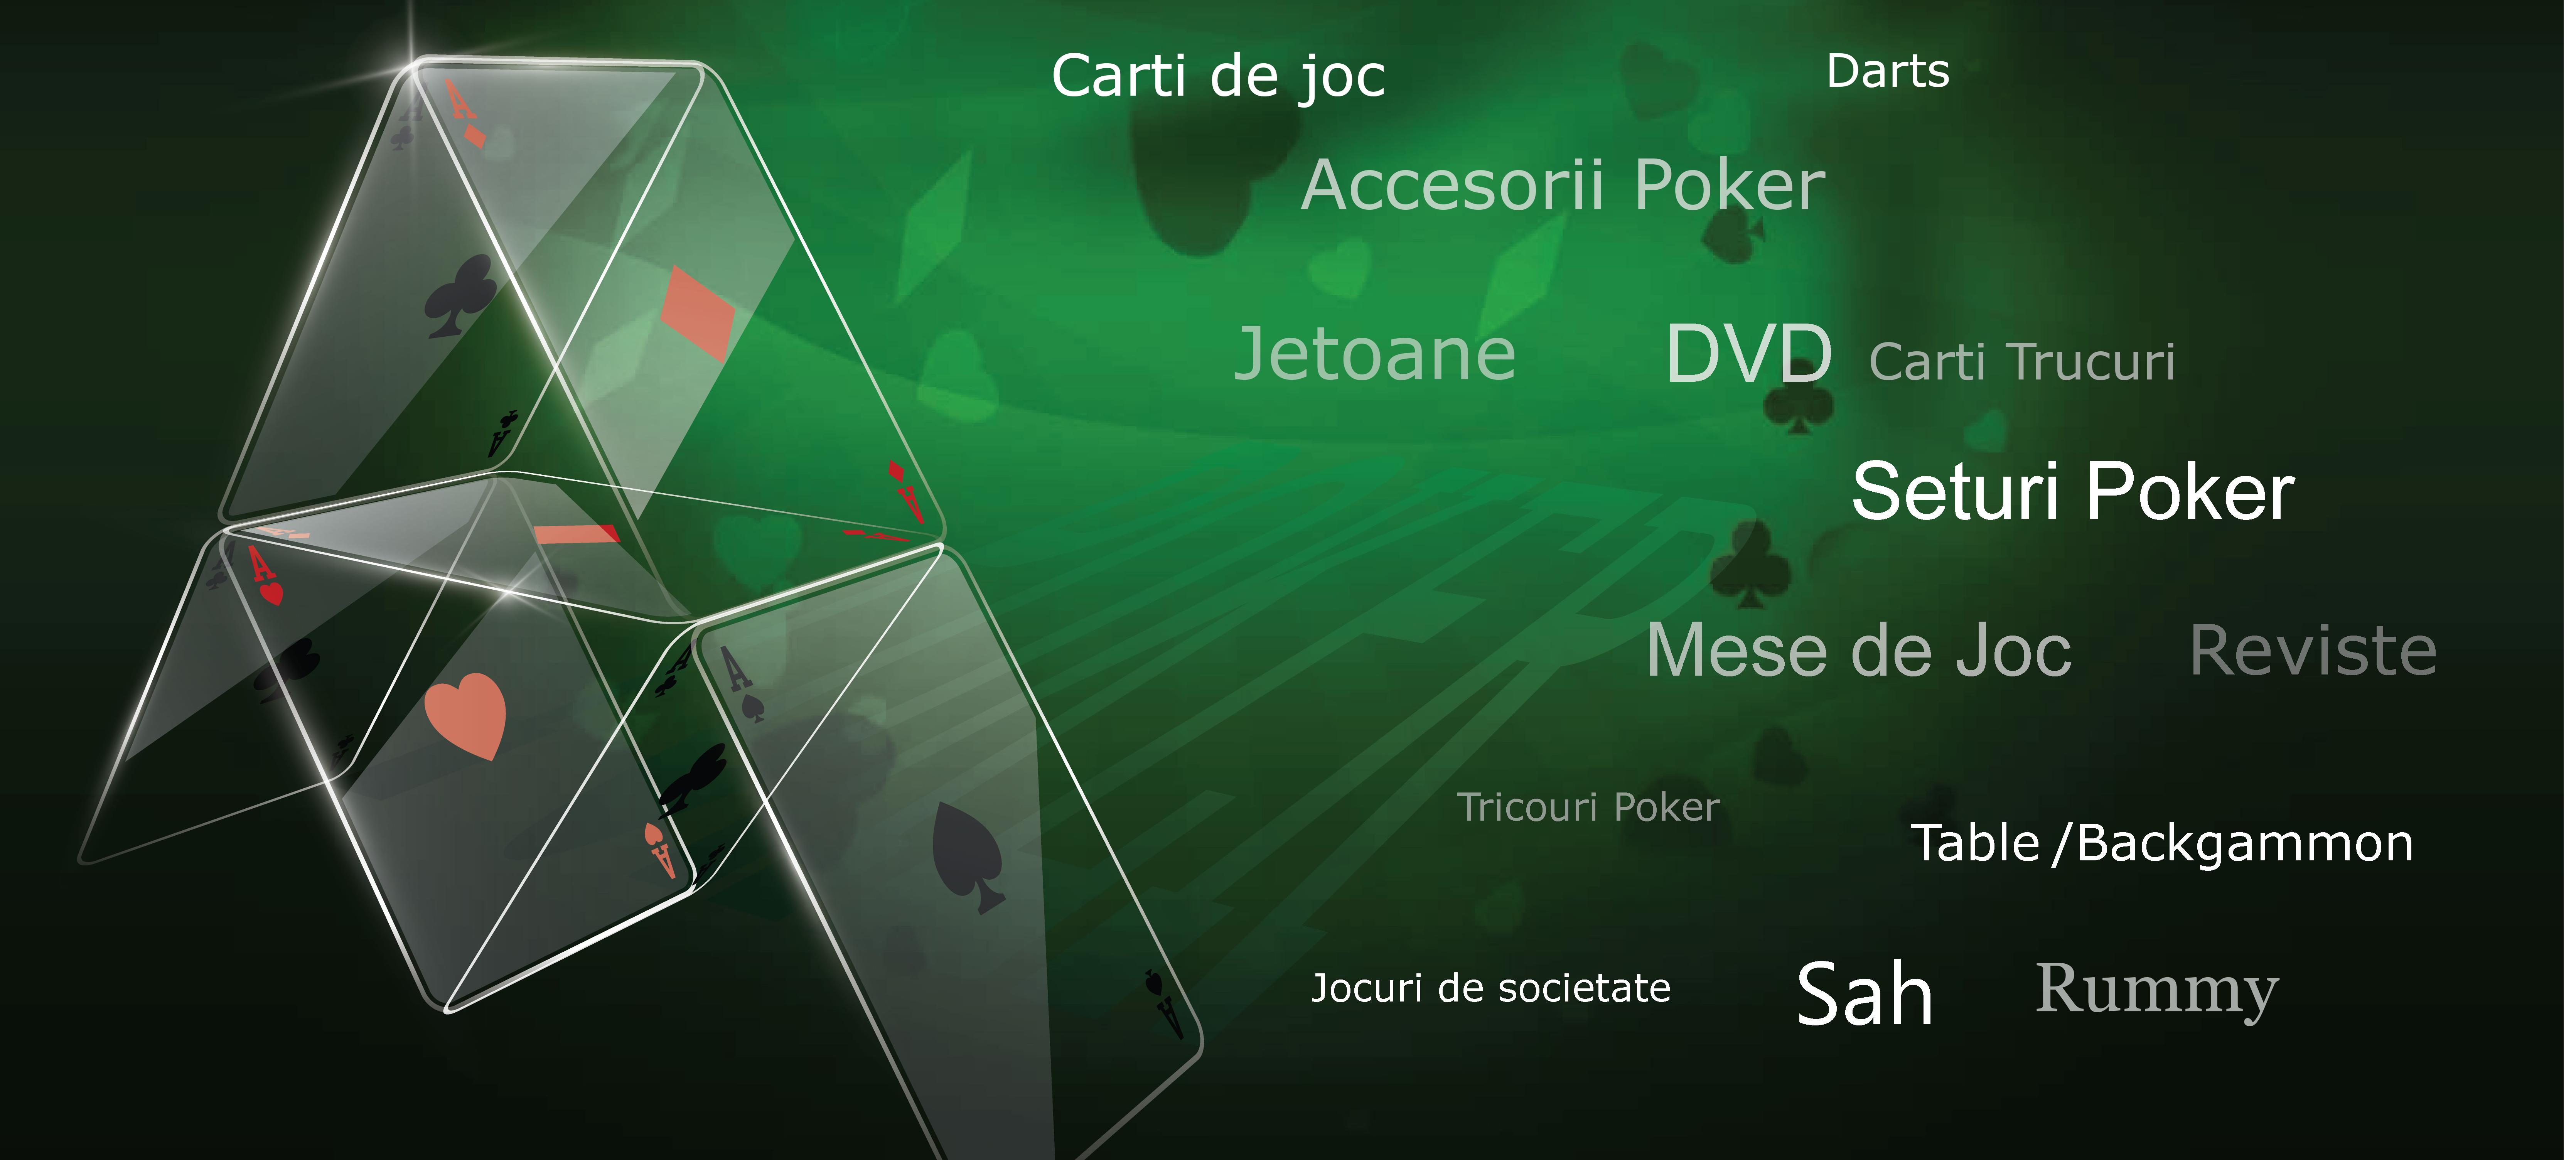 Carti de joc-iluzionism-seturi de poker